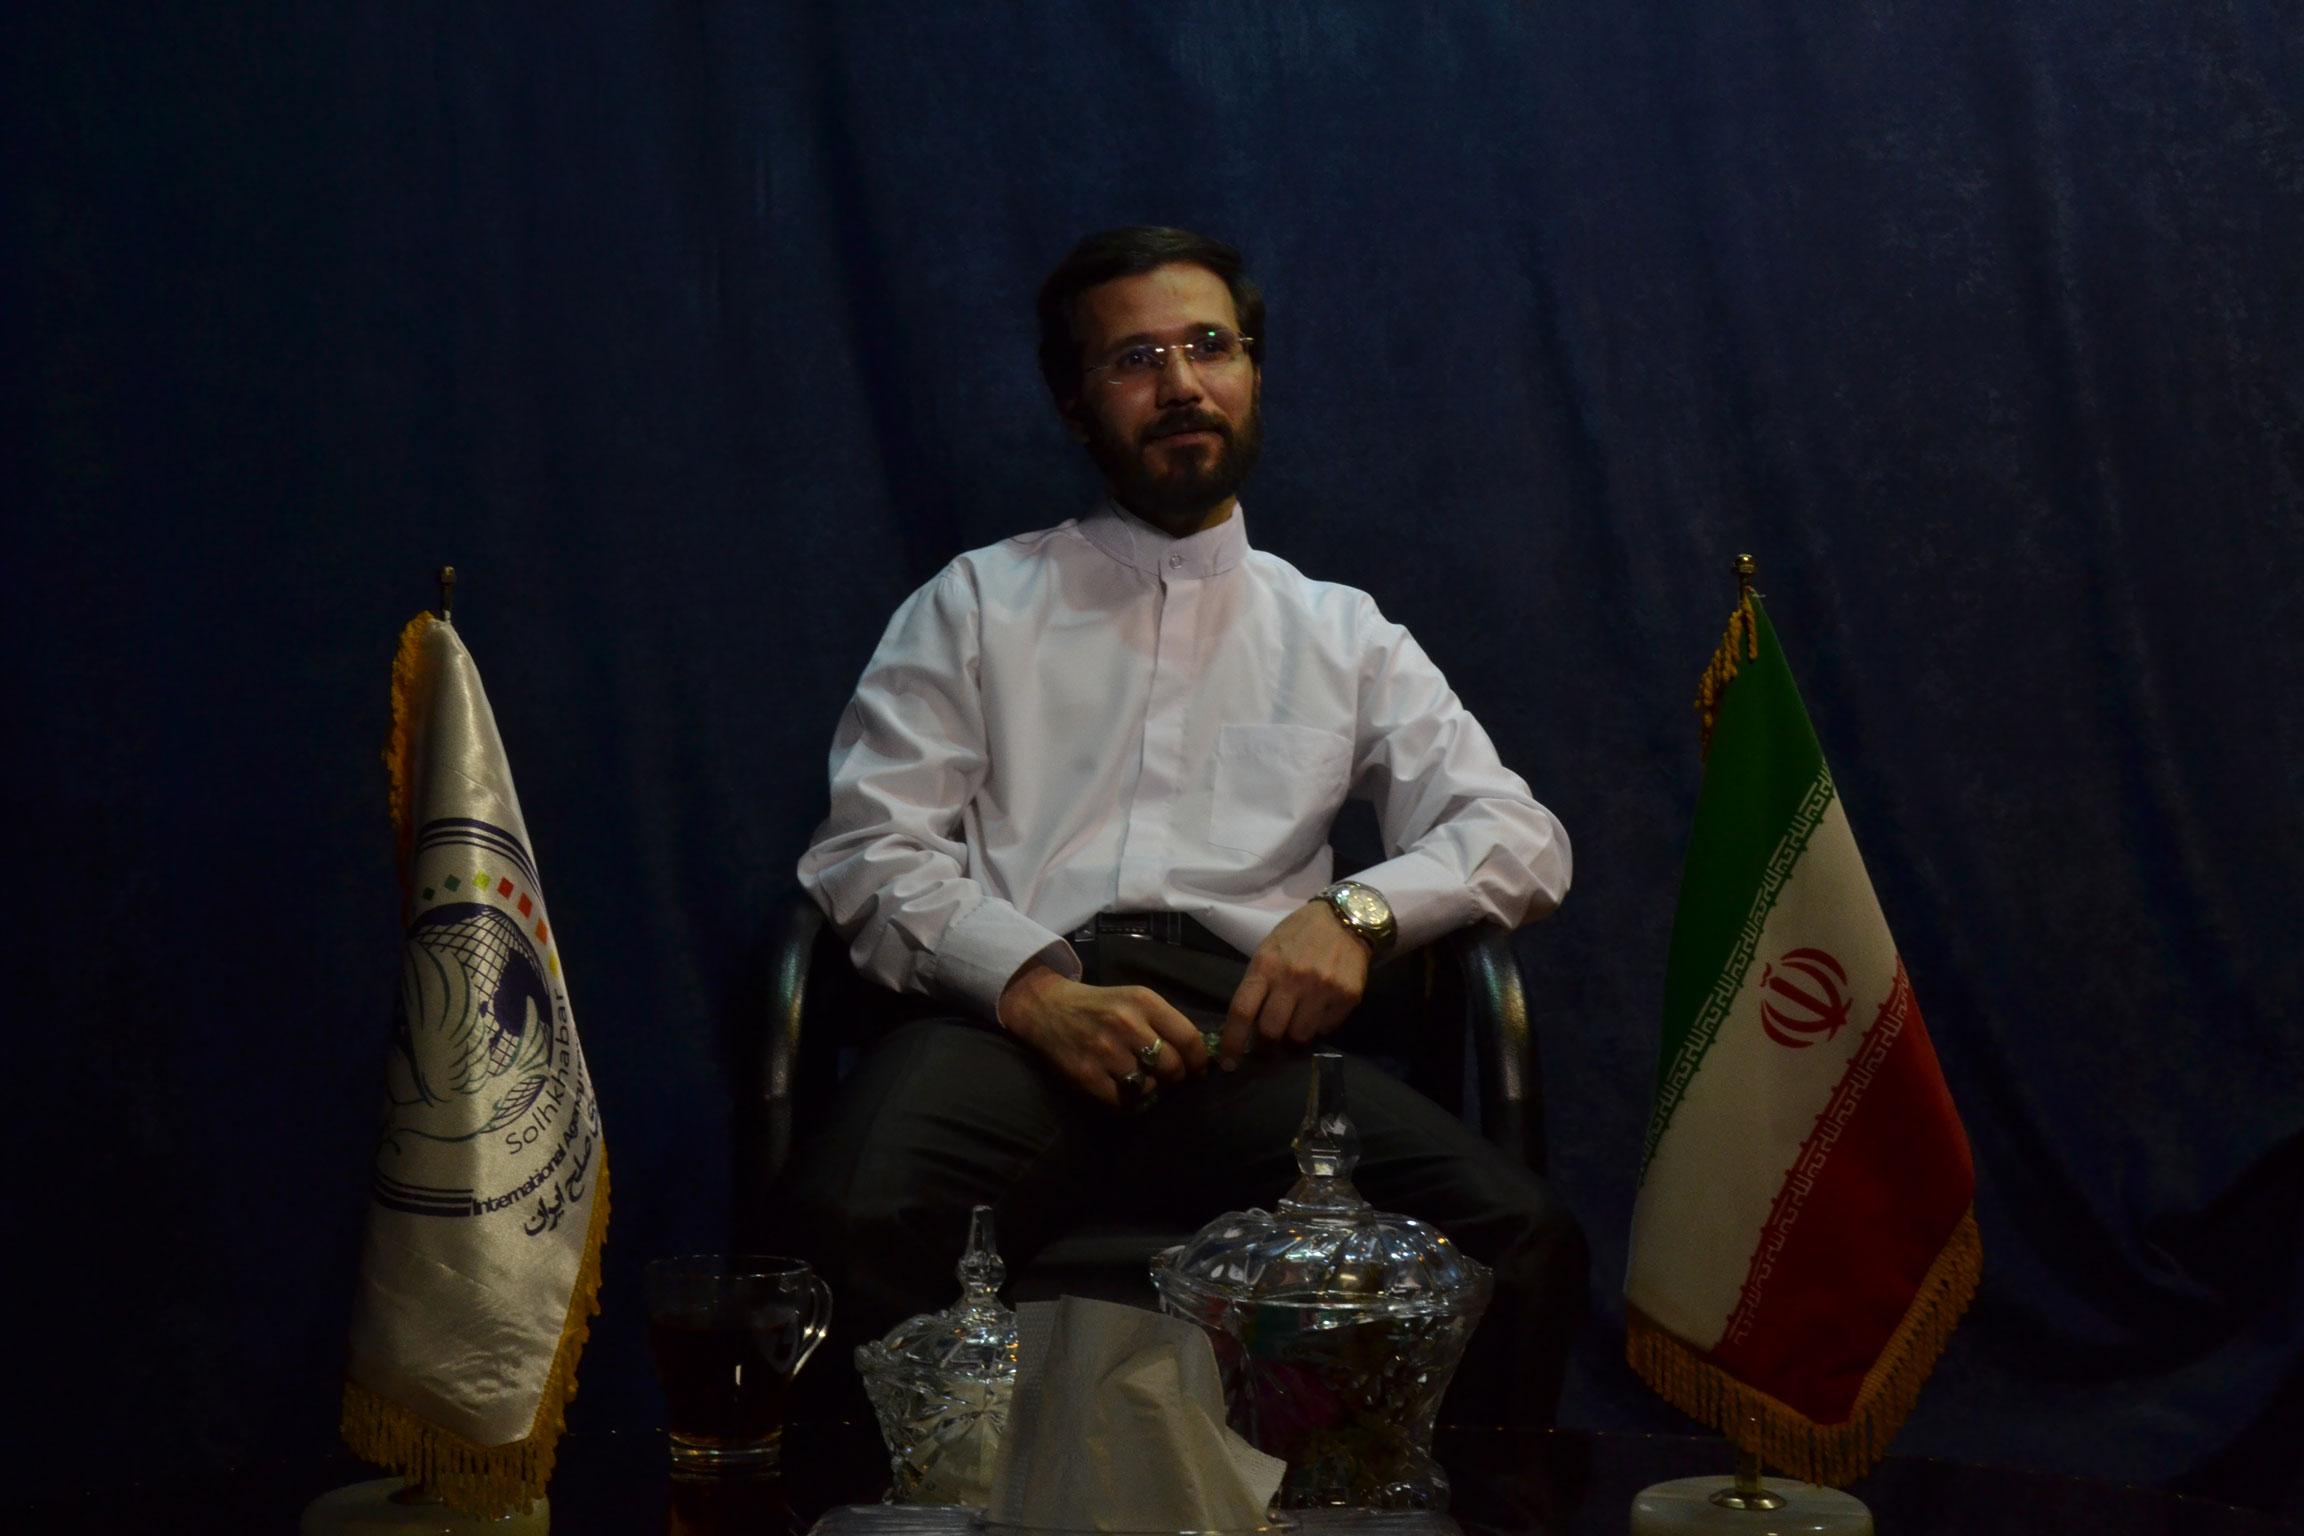 گفتگو خبرگزاری صلح ایران با مهندس حسینی